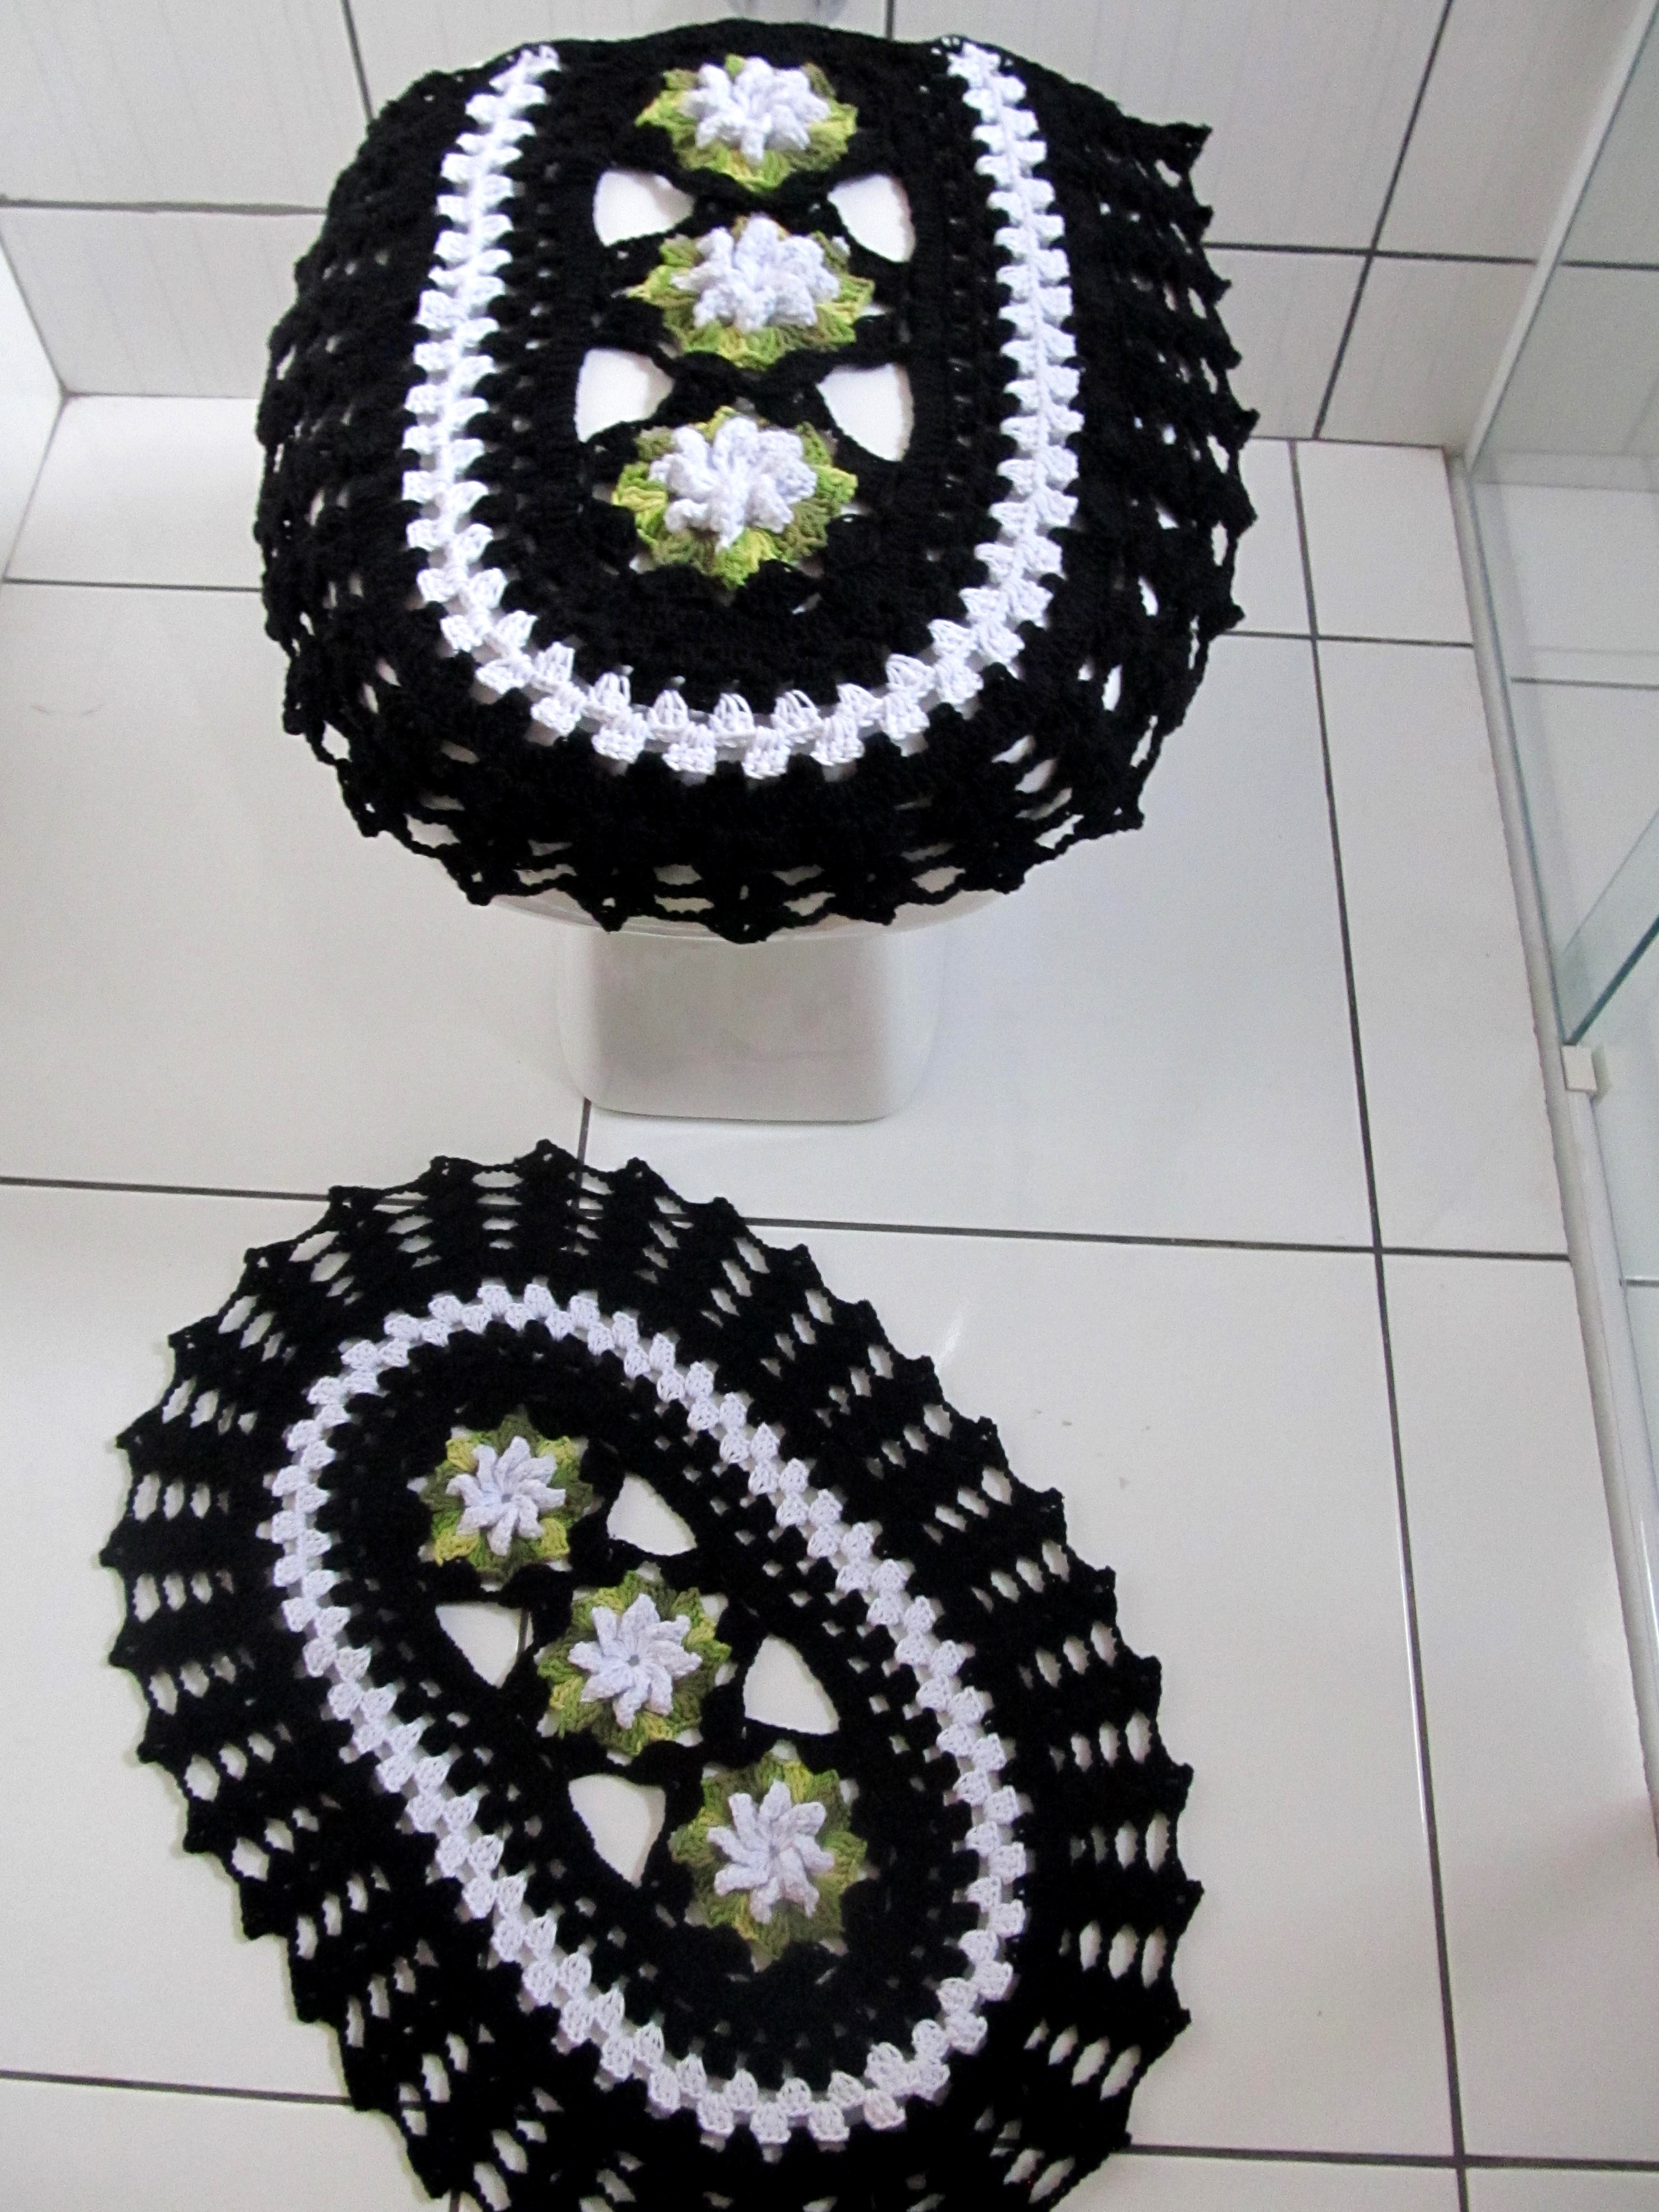 preto e branco jogo de banheiro jogo de banheiro 3 pcs preto e branco  #6D7445 3000x4000 Banheiro Branco E Preto